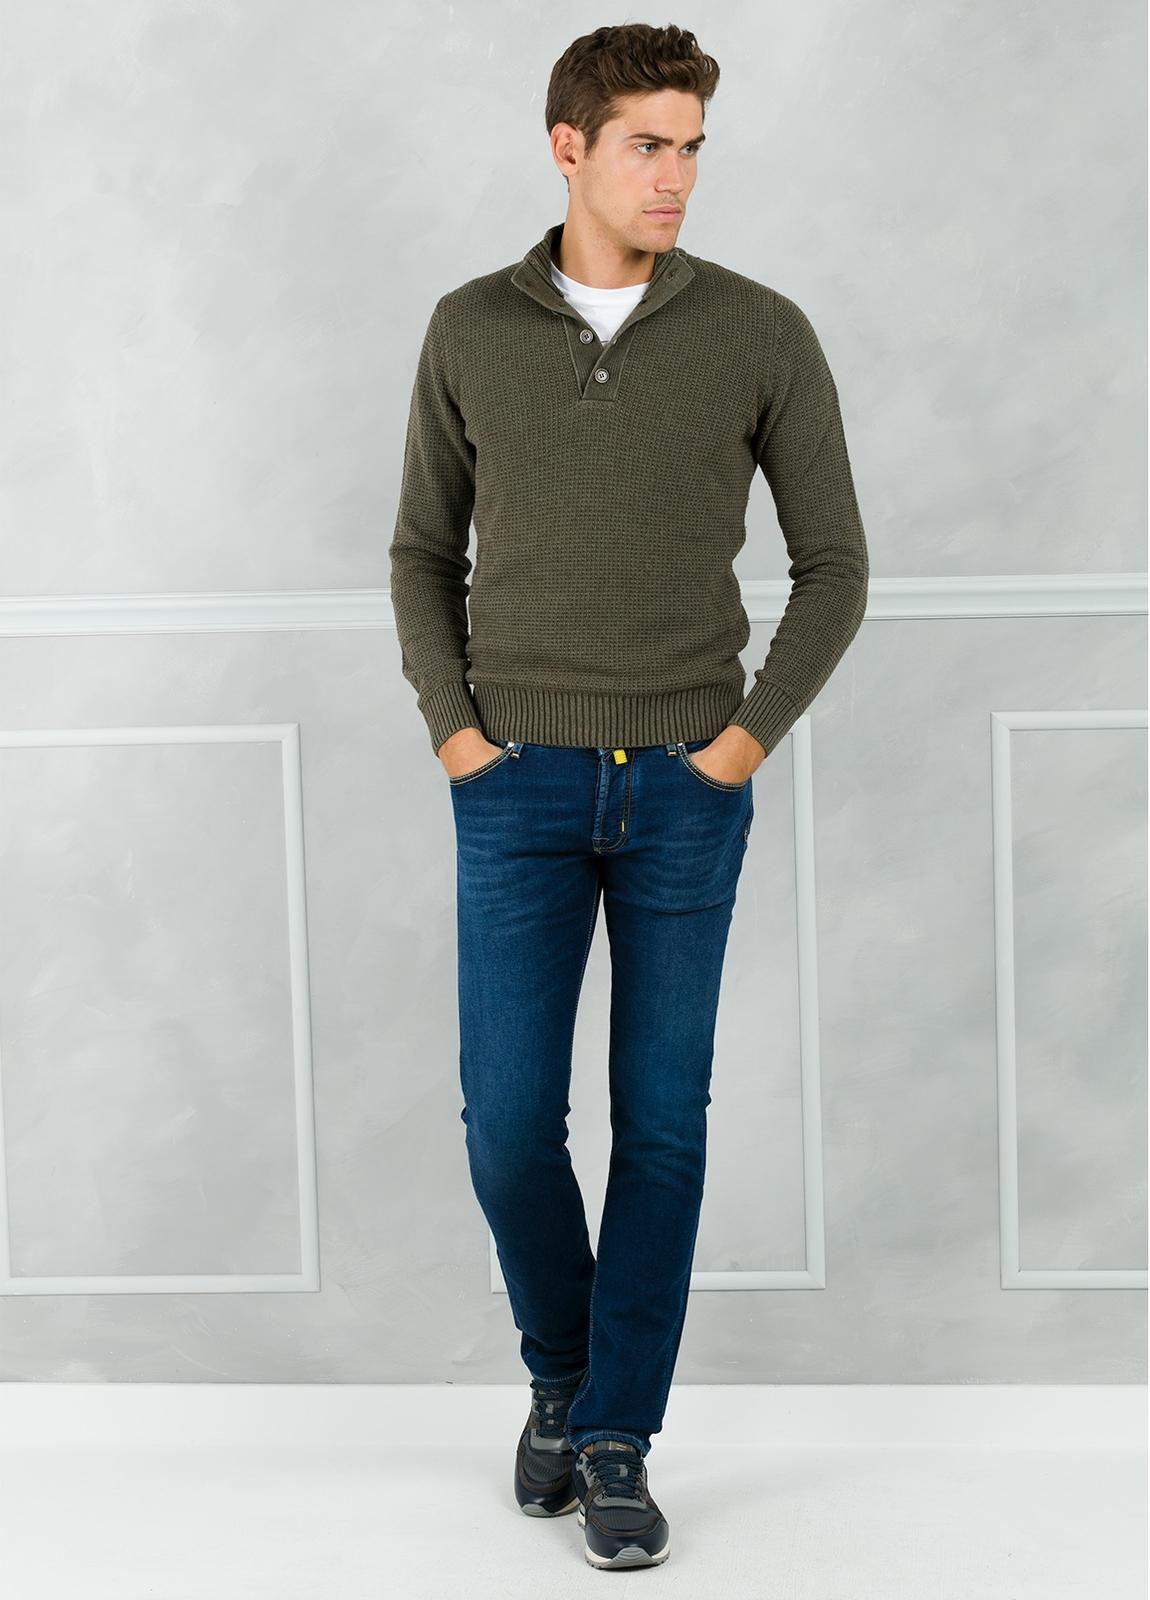 Jersey textura y cuello polo con botones, color kaki. 30% Lana 35% Algodón 35% Acrílico. - Ítem2